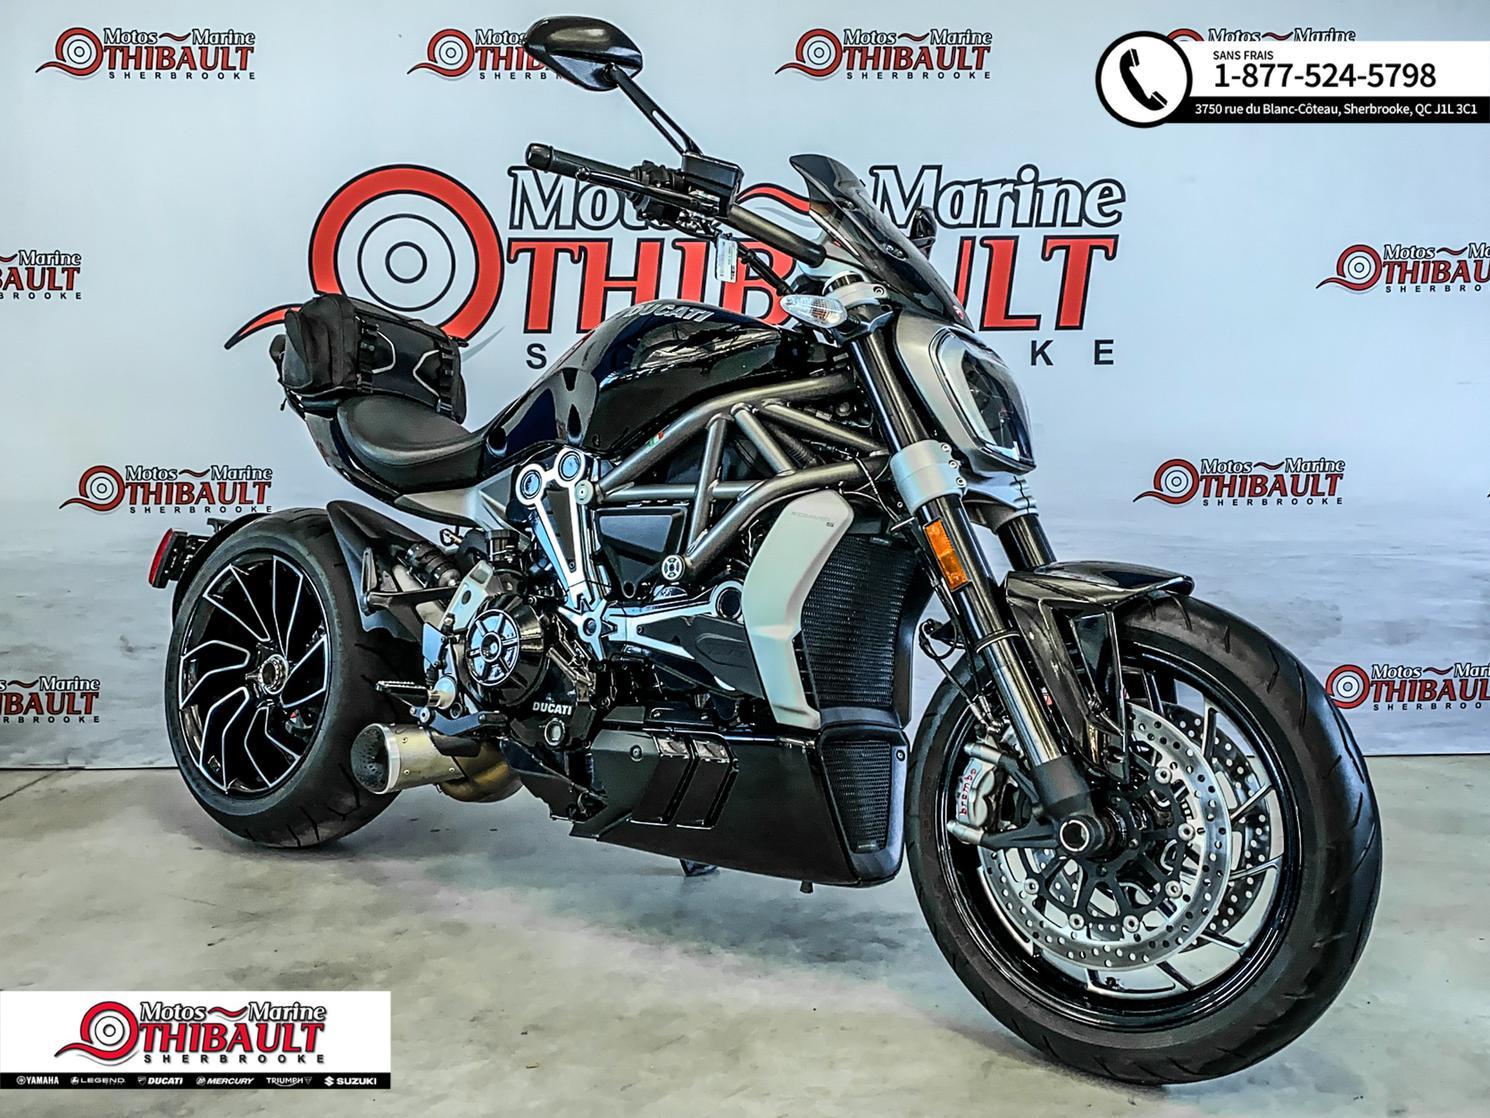 2016 Ducati X DIAVEL S Ducati XDiavel S